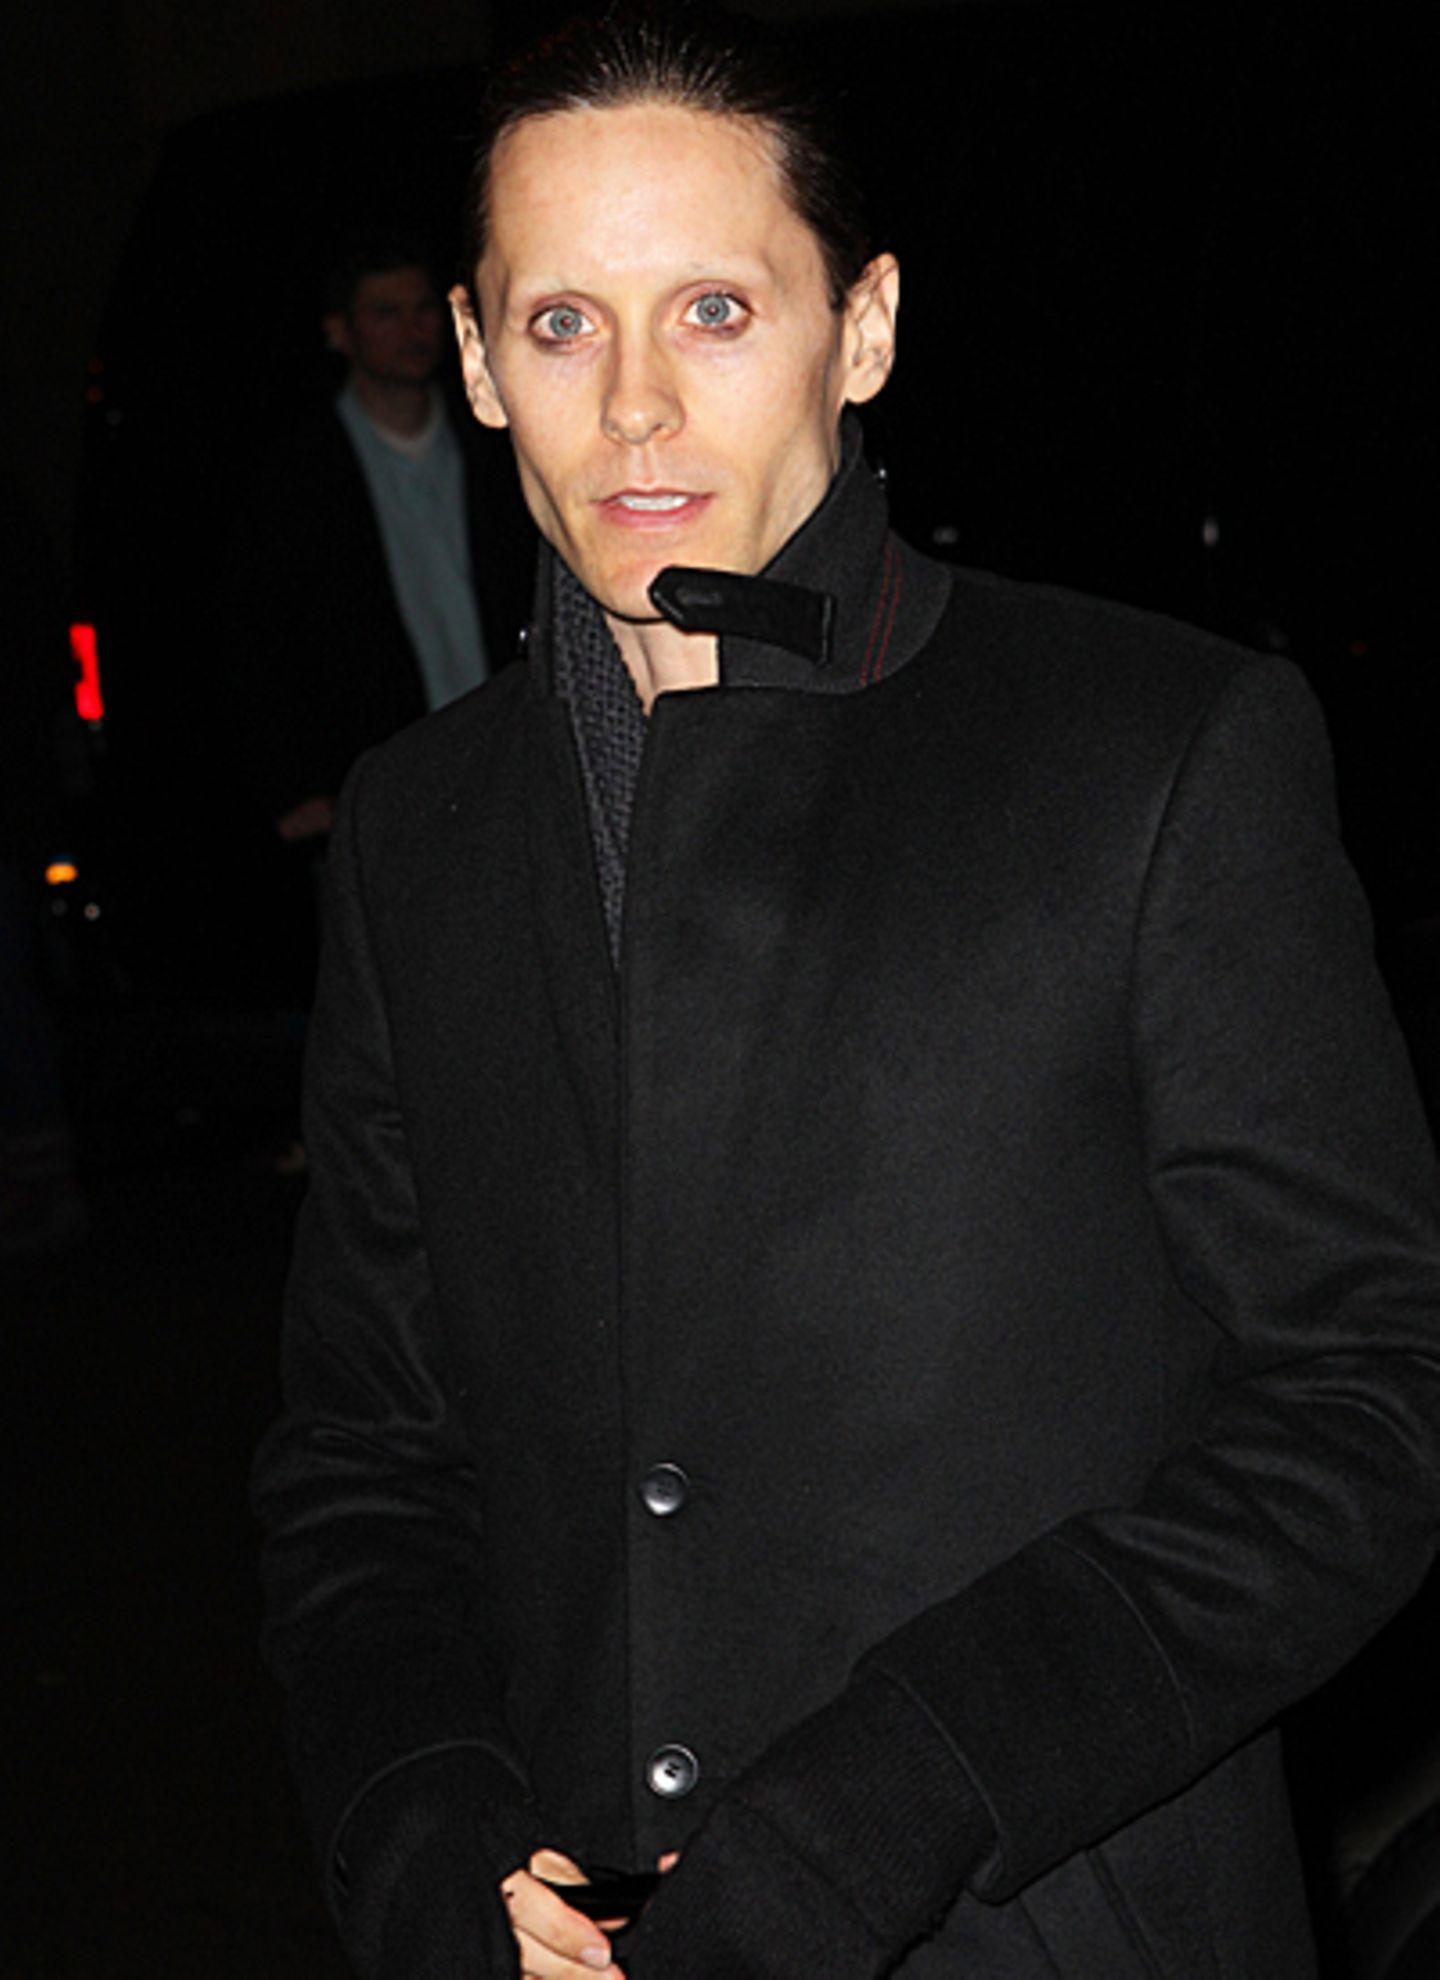 """26. November 2012: Jared Leto nimmt an der Verleihung der """"Gotham Awards"""" in New York teil und sogar einen mit nach Hause - und"""